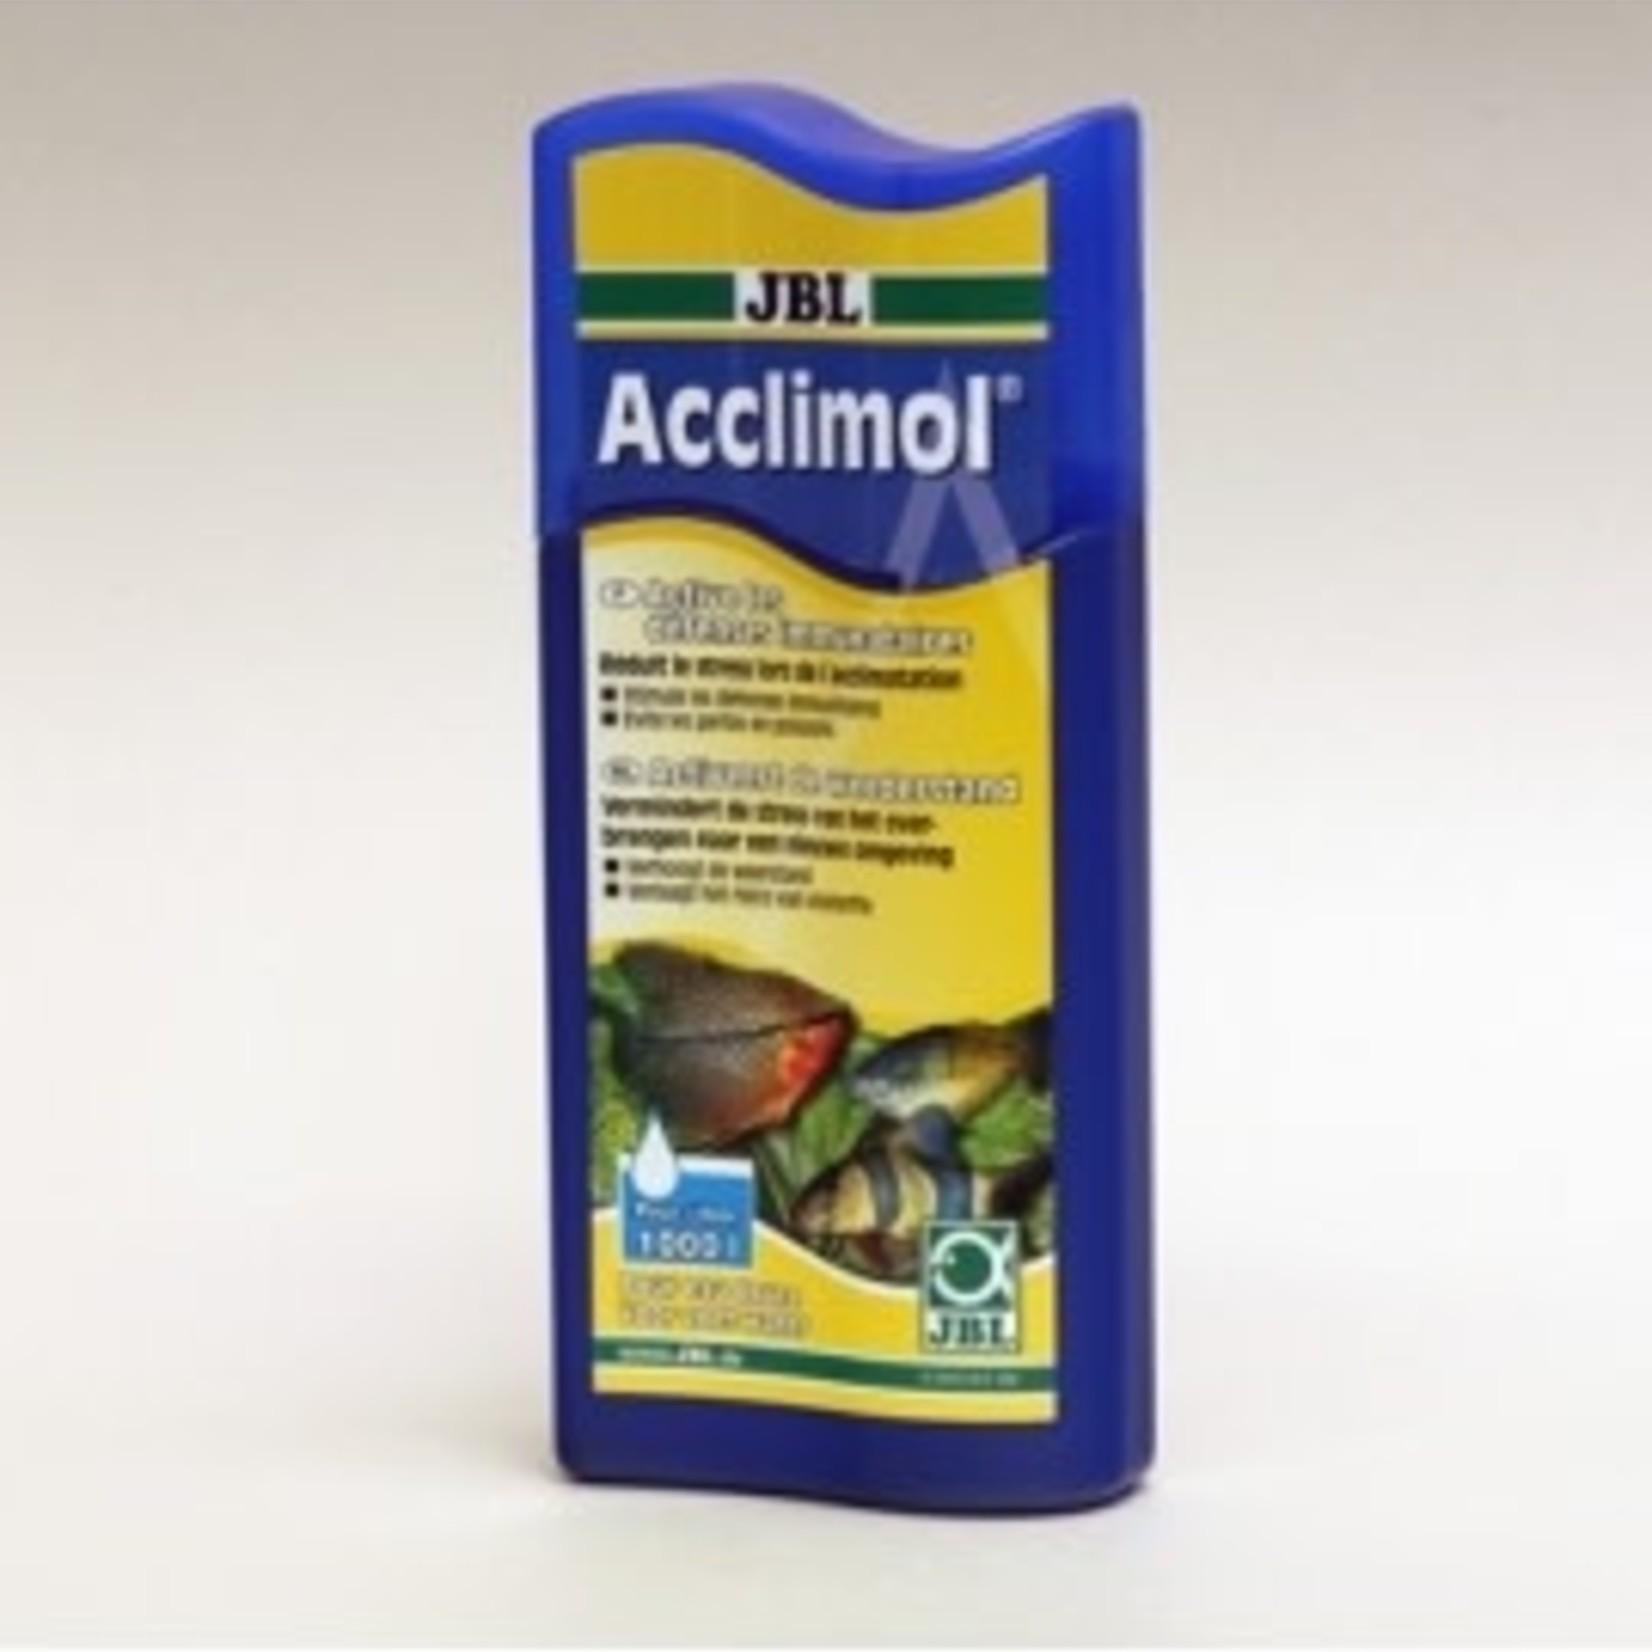 JBL ACCLIMOL - 50 ml - 100 ml - 250 ml